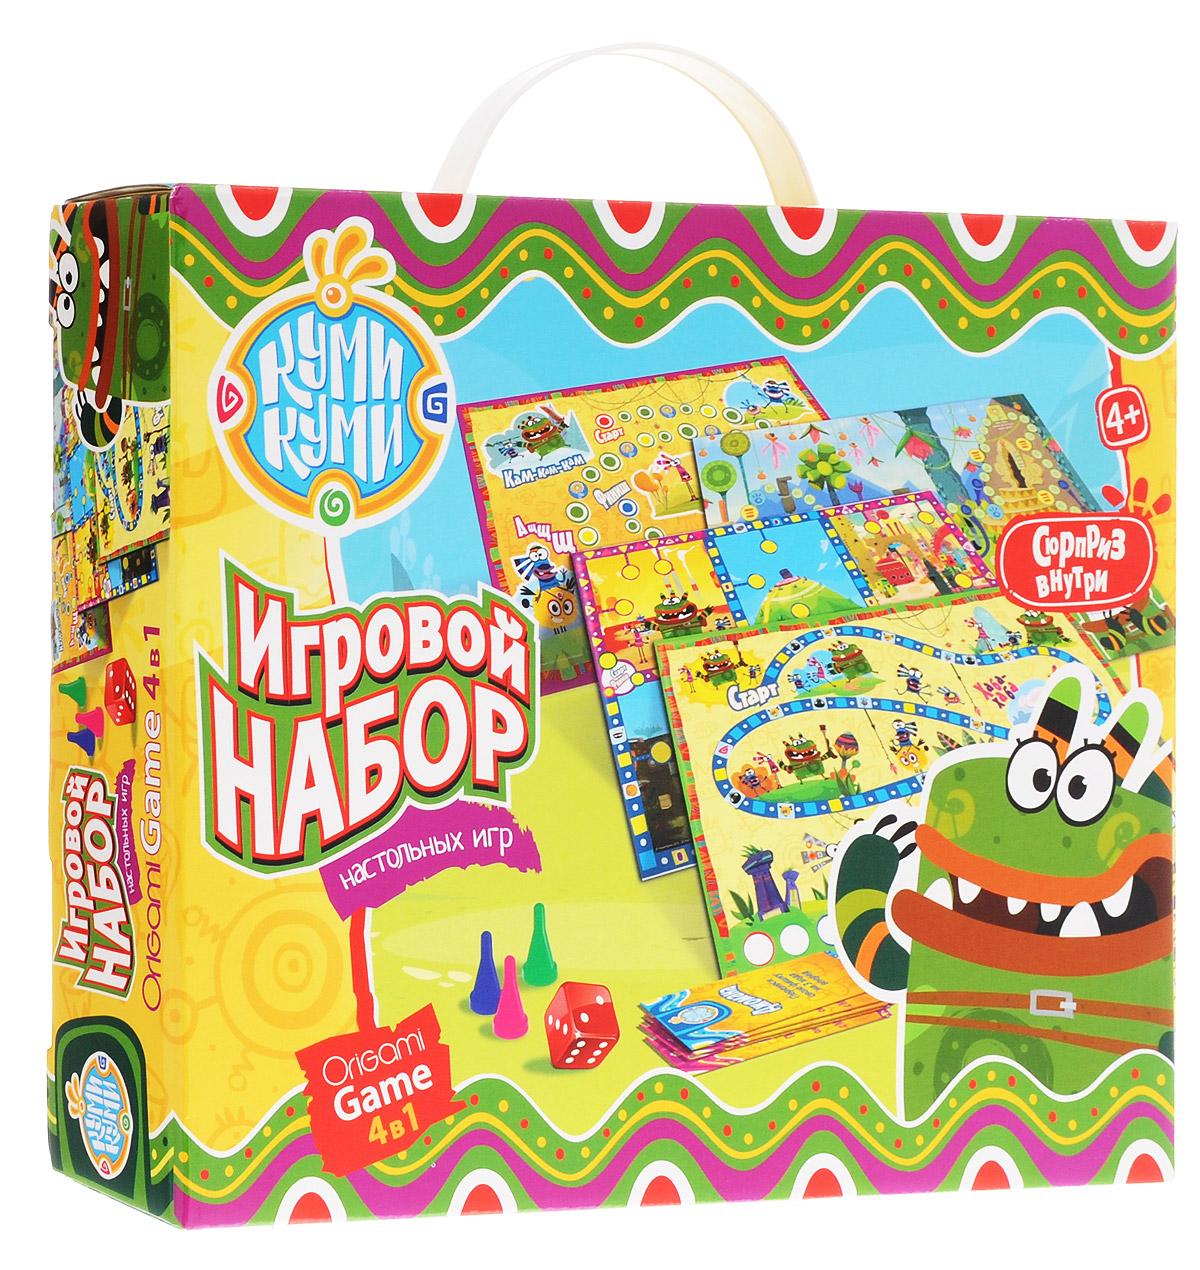 Оригами Набор настольных игр + пазл в подарок 0155901559